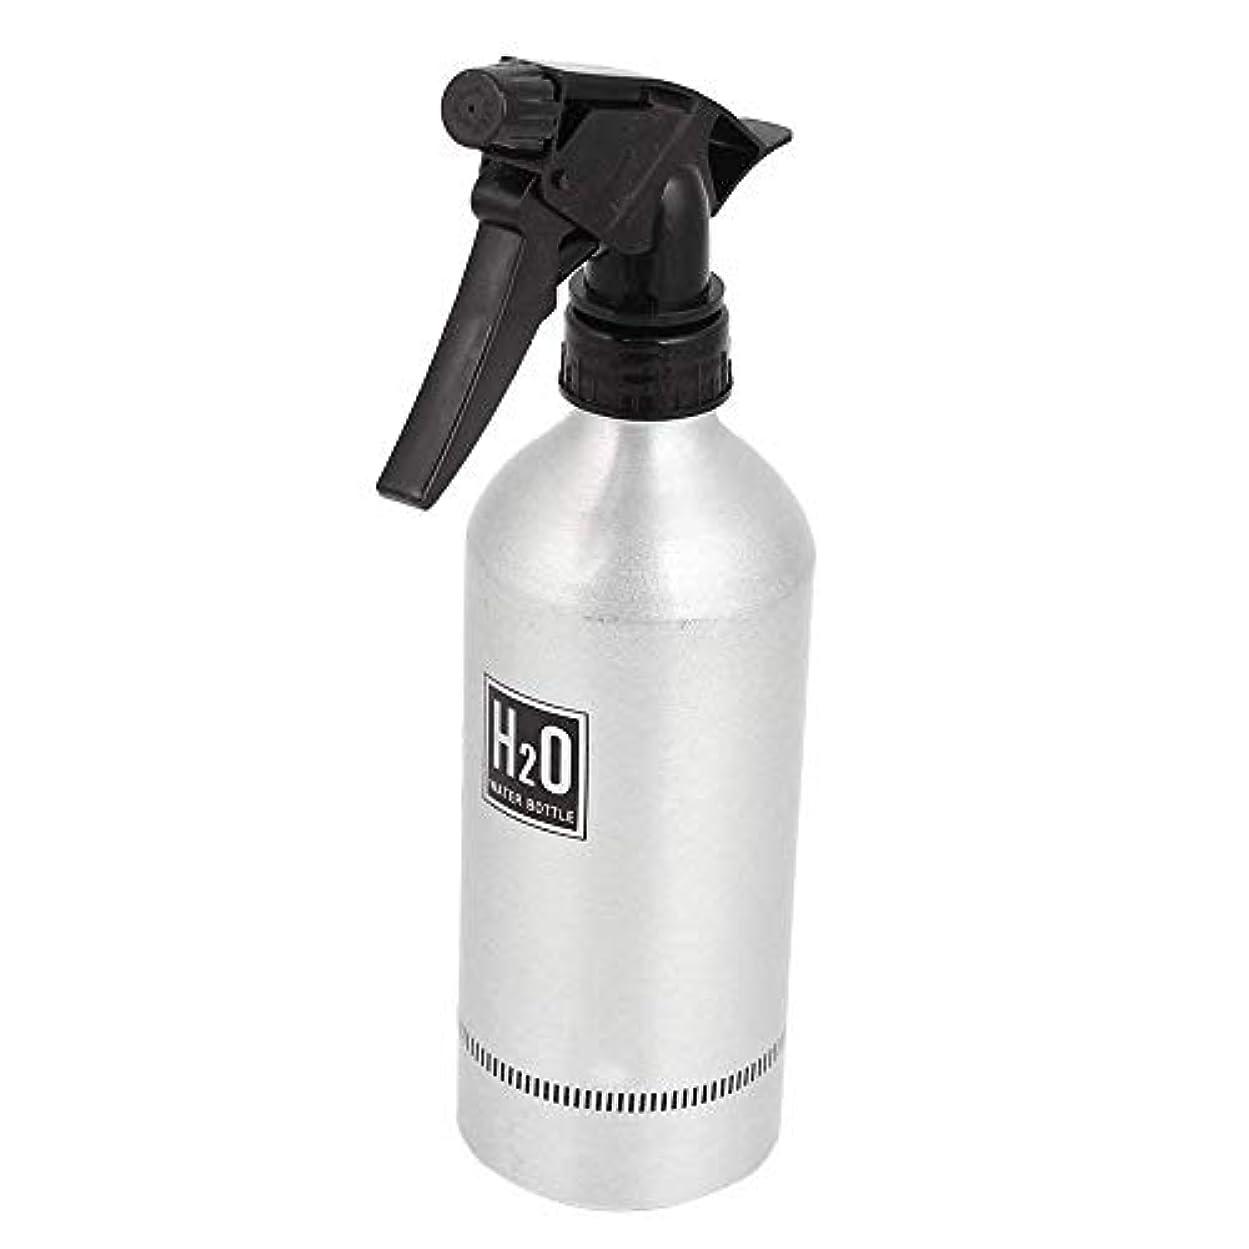 湿度考古学的な子音Onior アルミ スプレー缶 水髪器 スプレー スプレーボトル 美容ツール サロン 理髪師 美容師 清潔 クリーニング 500ミリリットル